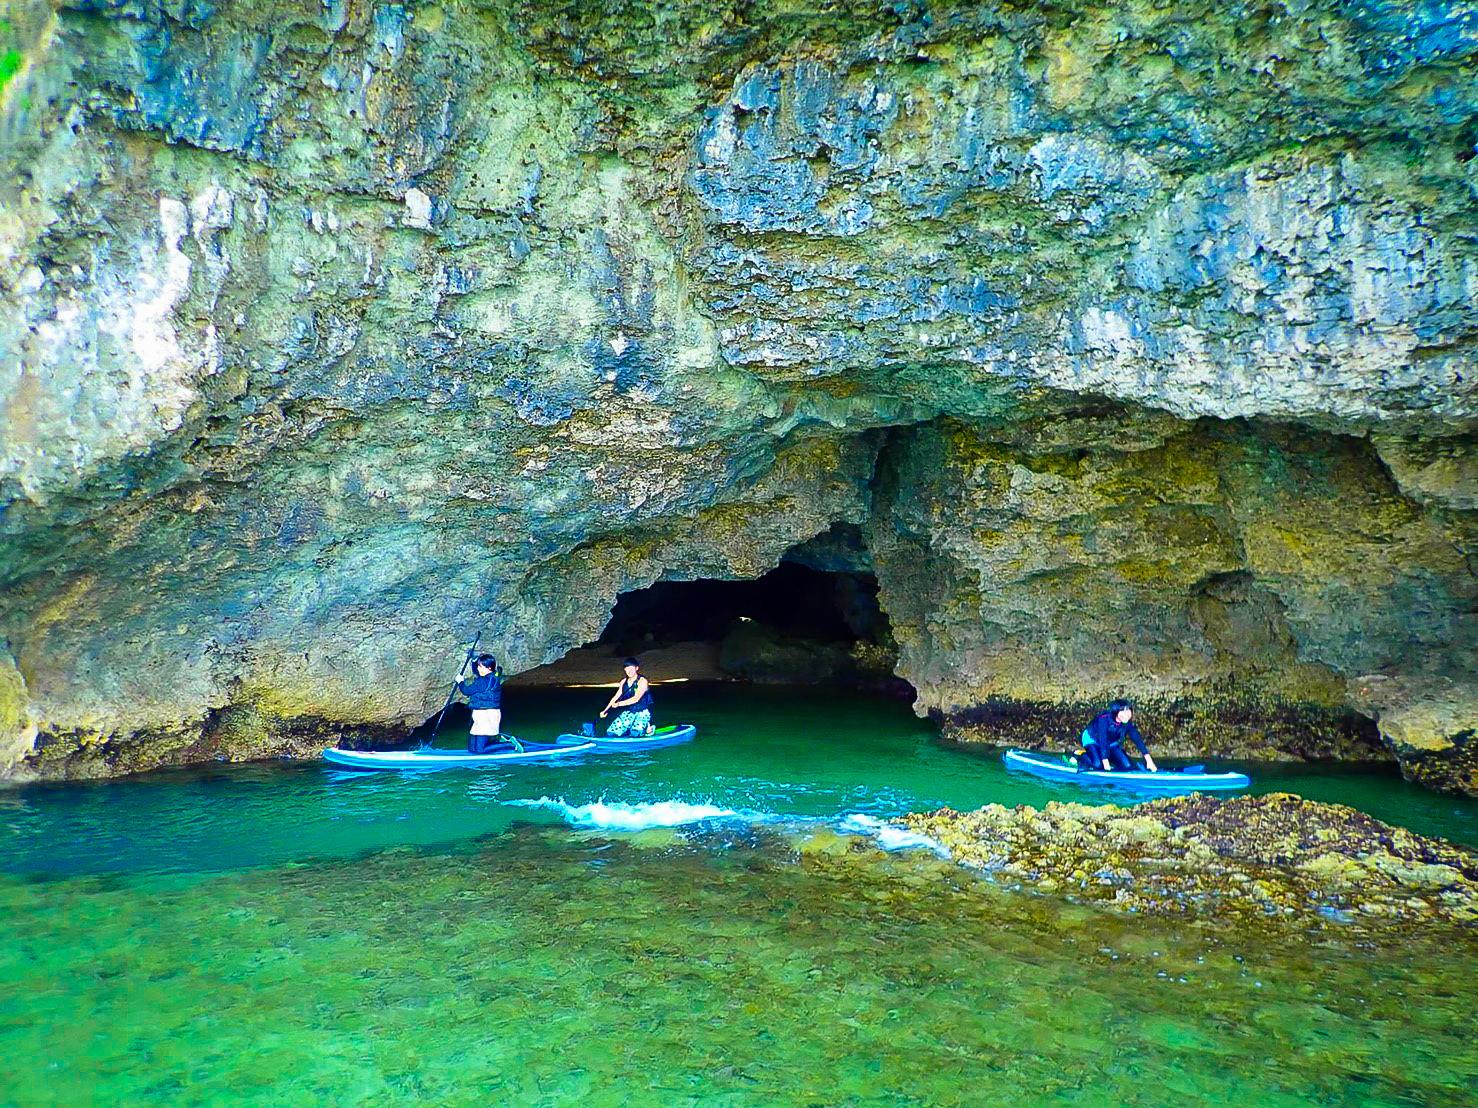 洞窟の中をパドルボードを漕いでいく